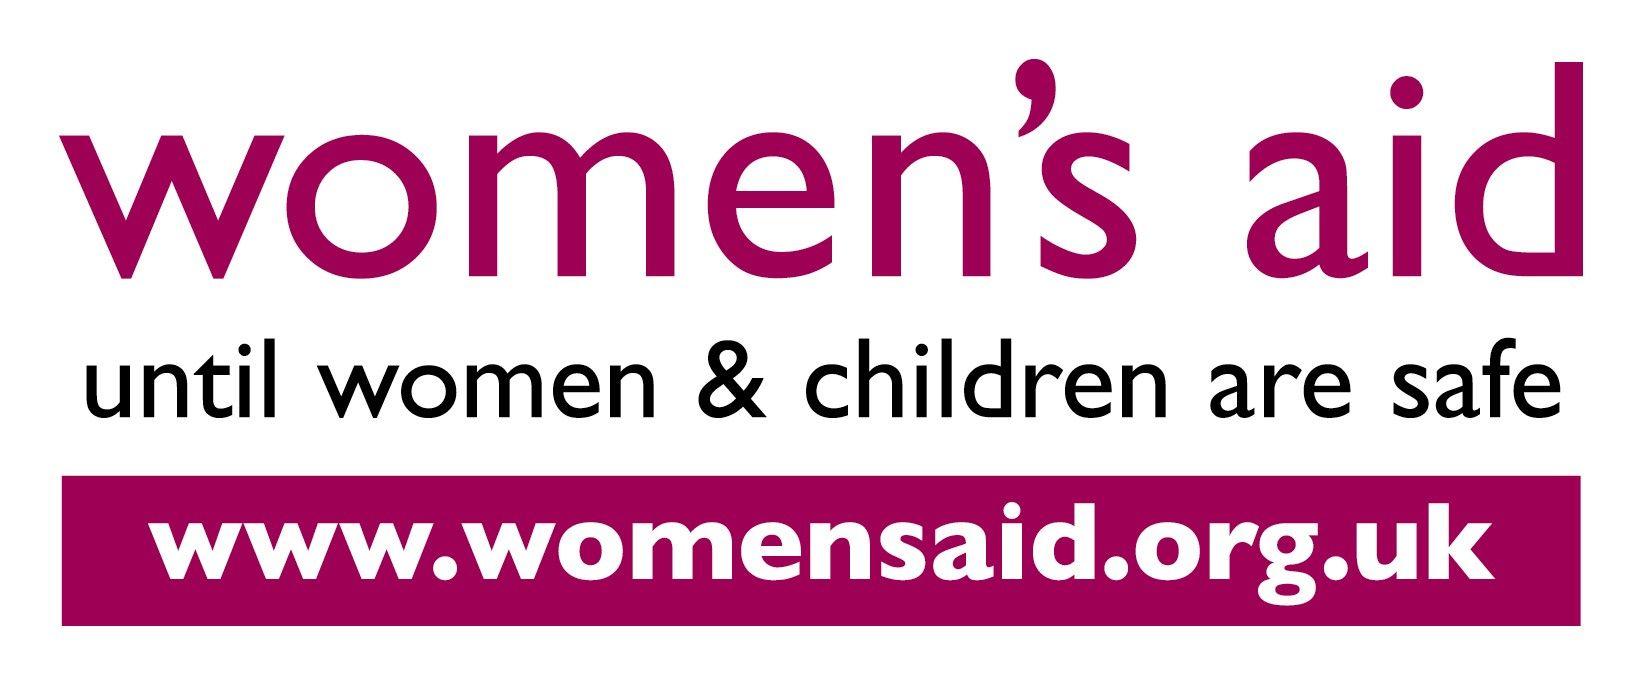 15-womensaid_logo2.jpg